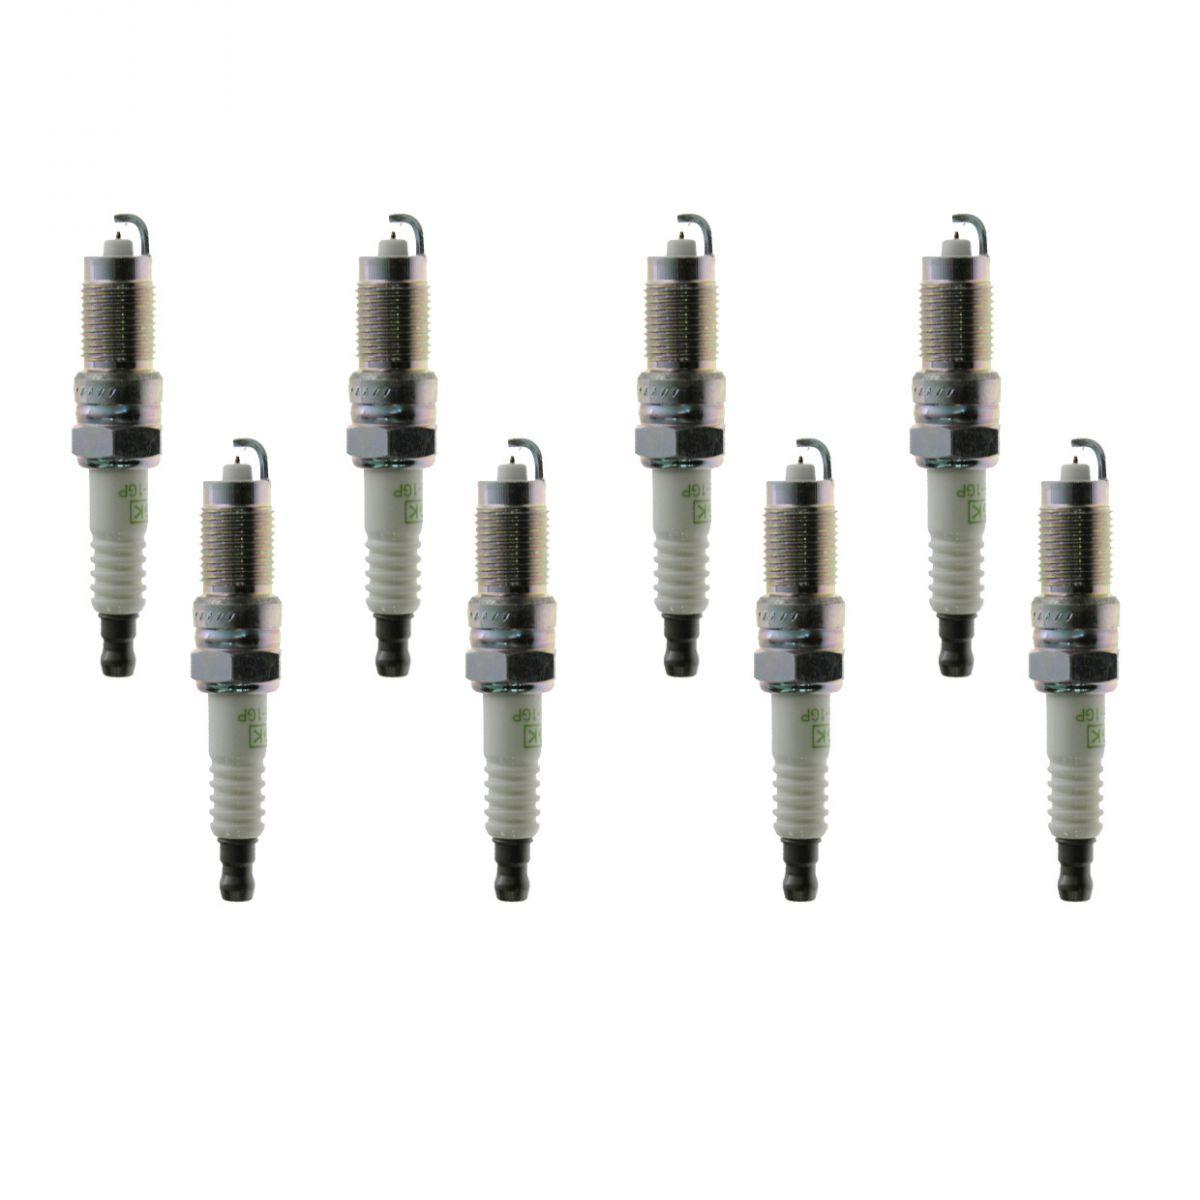 Ngk Platinum Spark Plug Kit Set Of 8 For Ltd Crown